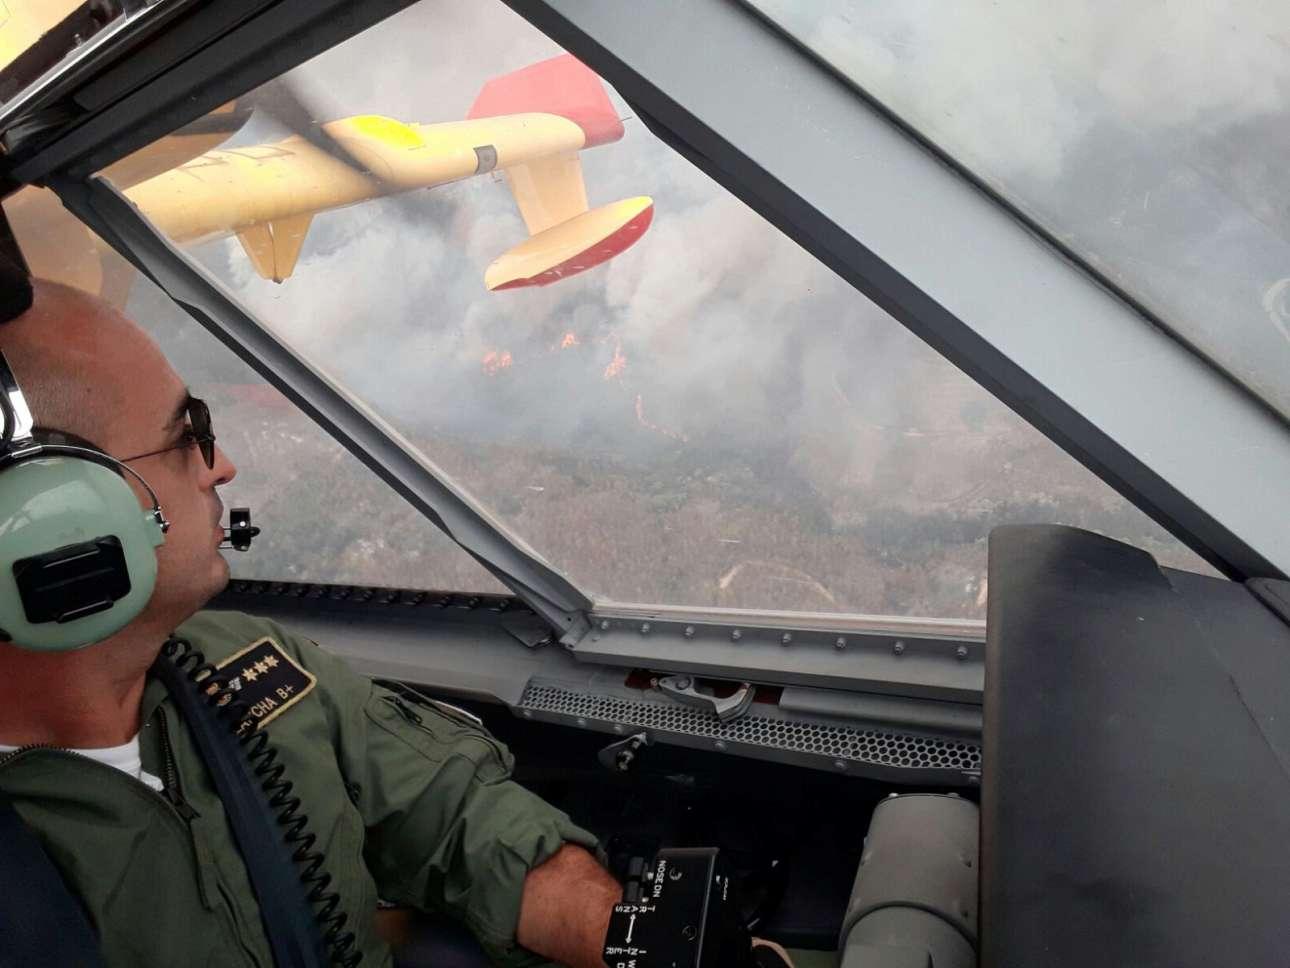 Η «θέα» της πυρκαγιάς από ψηλά, από το πιλοτήριο ισπανικού αεροσκάφους που έσπευσε στο σημείο, πάνω από το Πεντρογκάο Γκράντε, για να βοηθήσει στην επιχείρηση κατάσβεσης